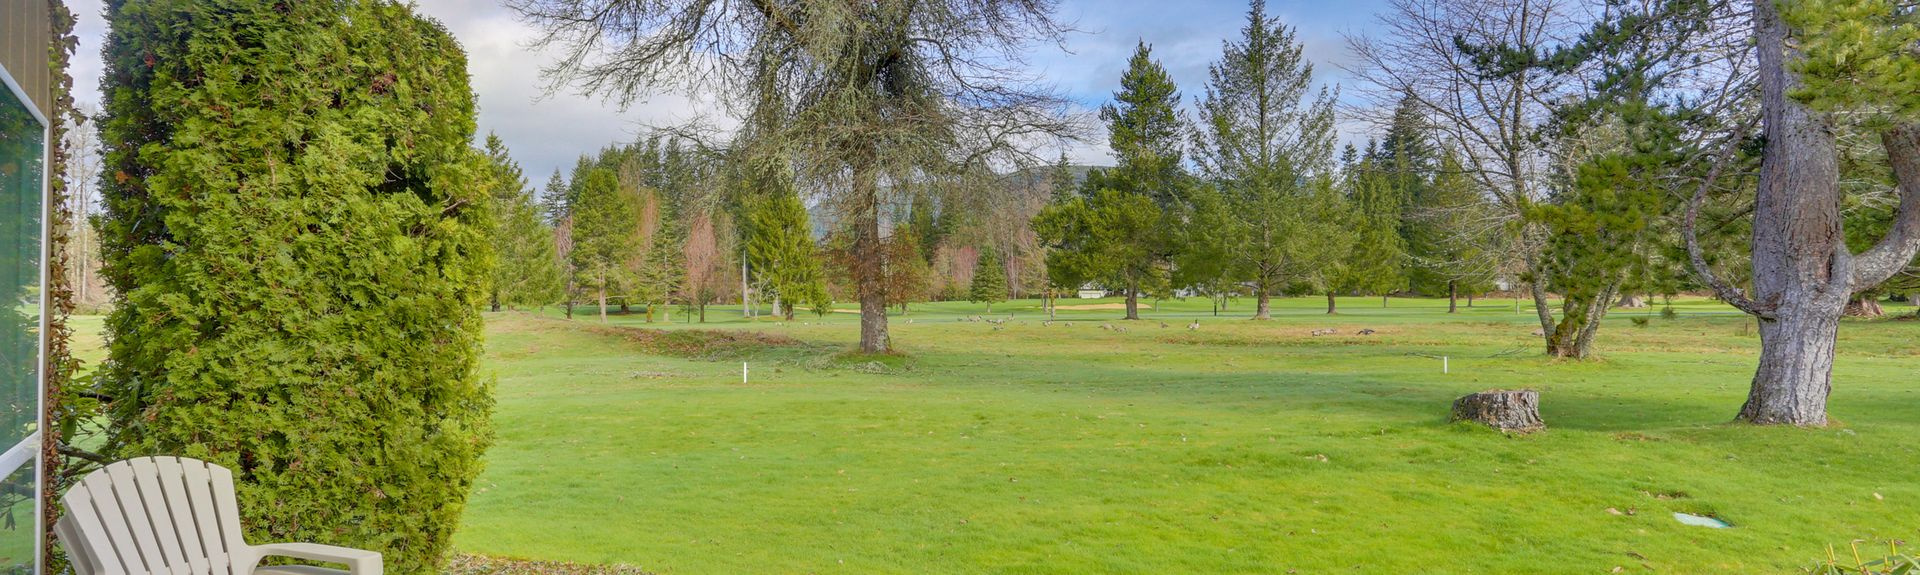 Mount Hood Skibowl, Government Camp, Oregon, USA